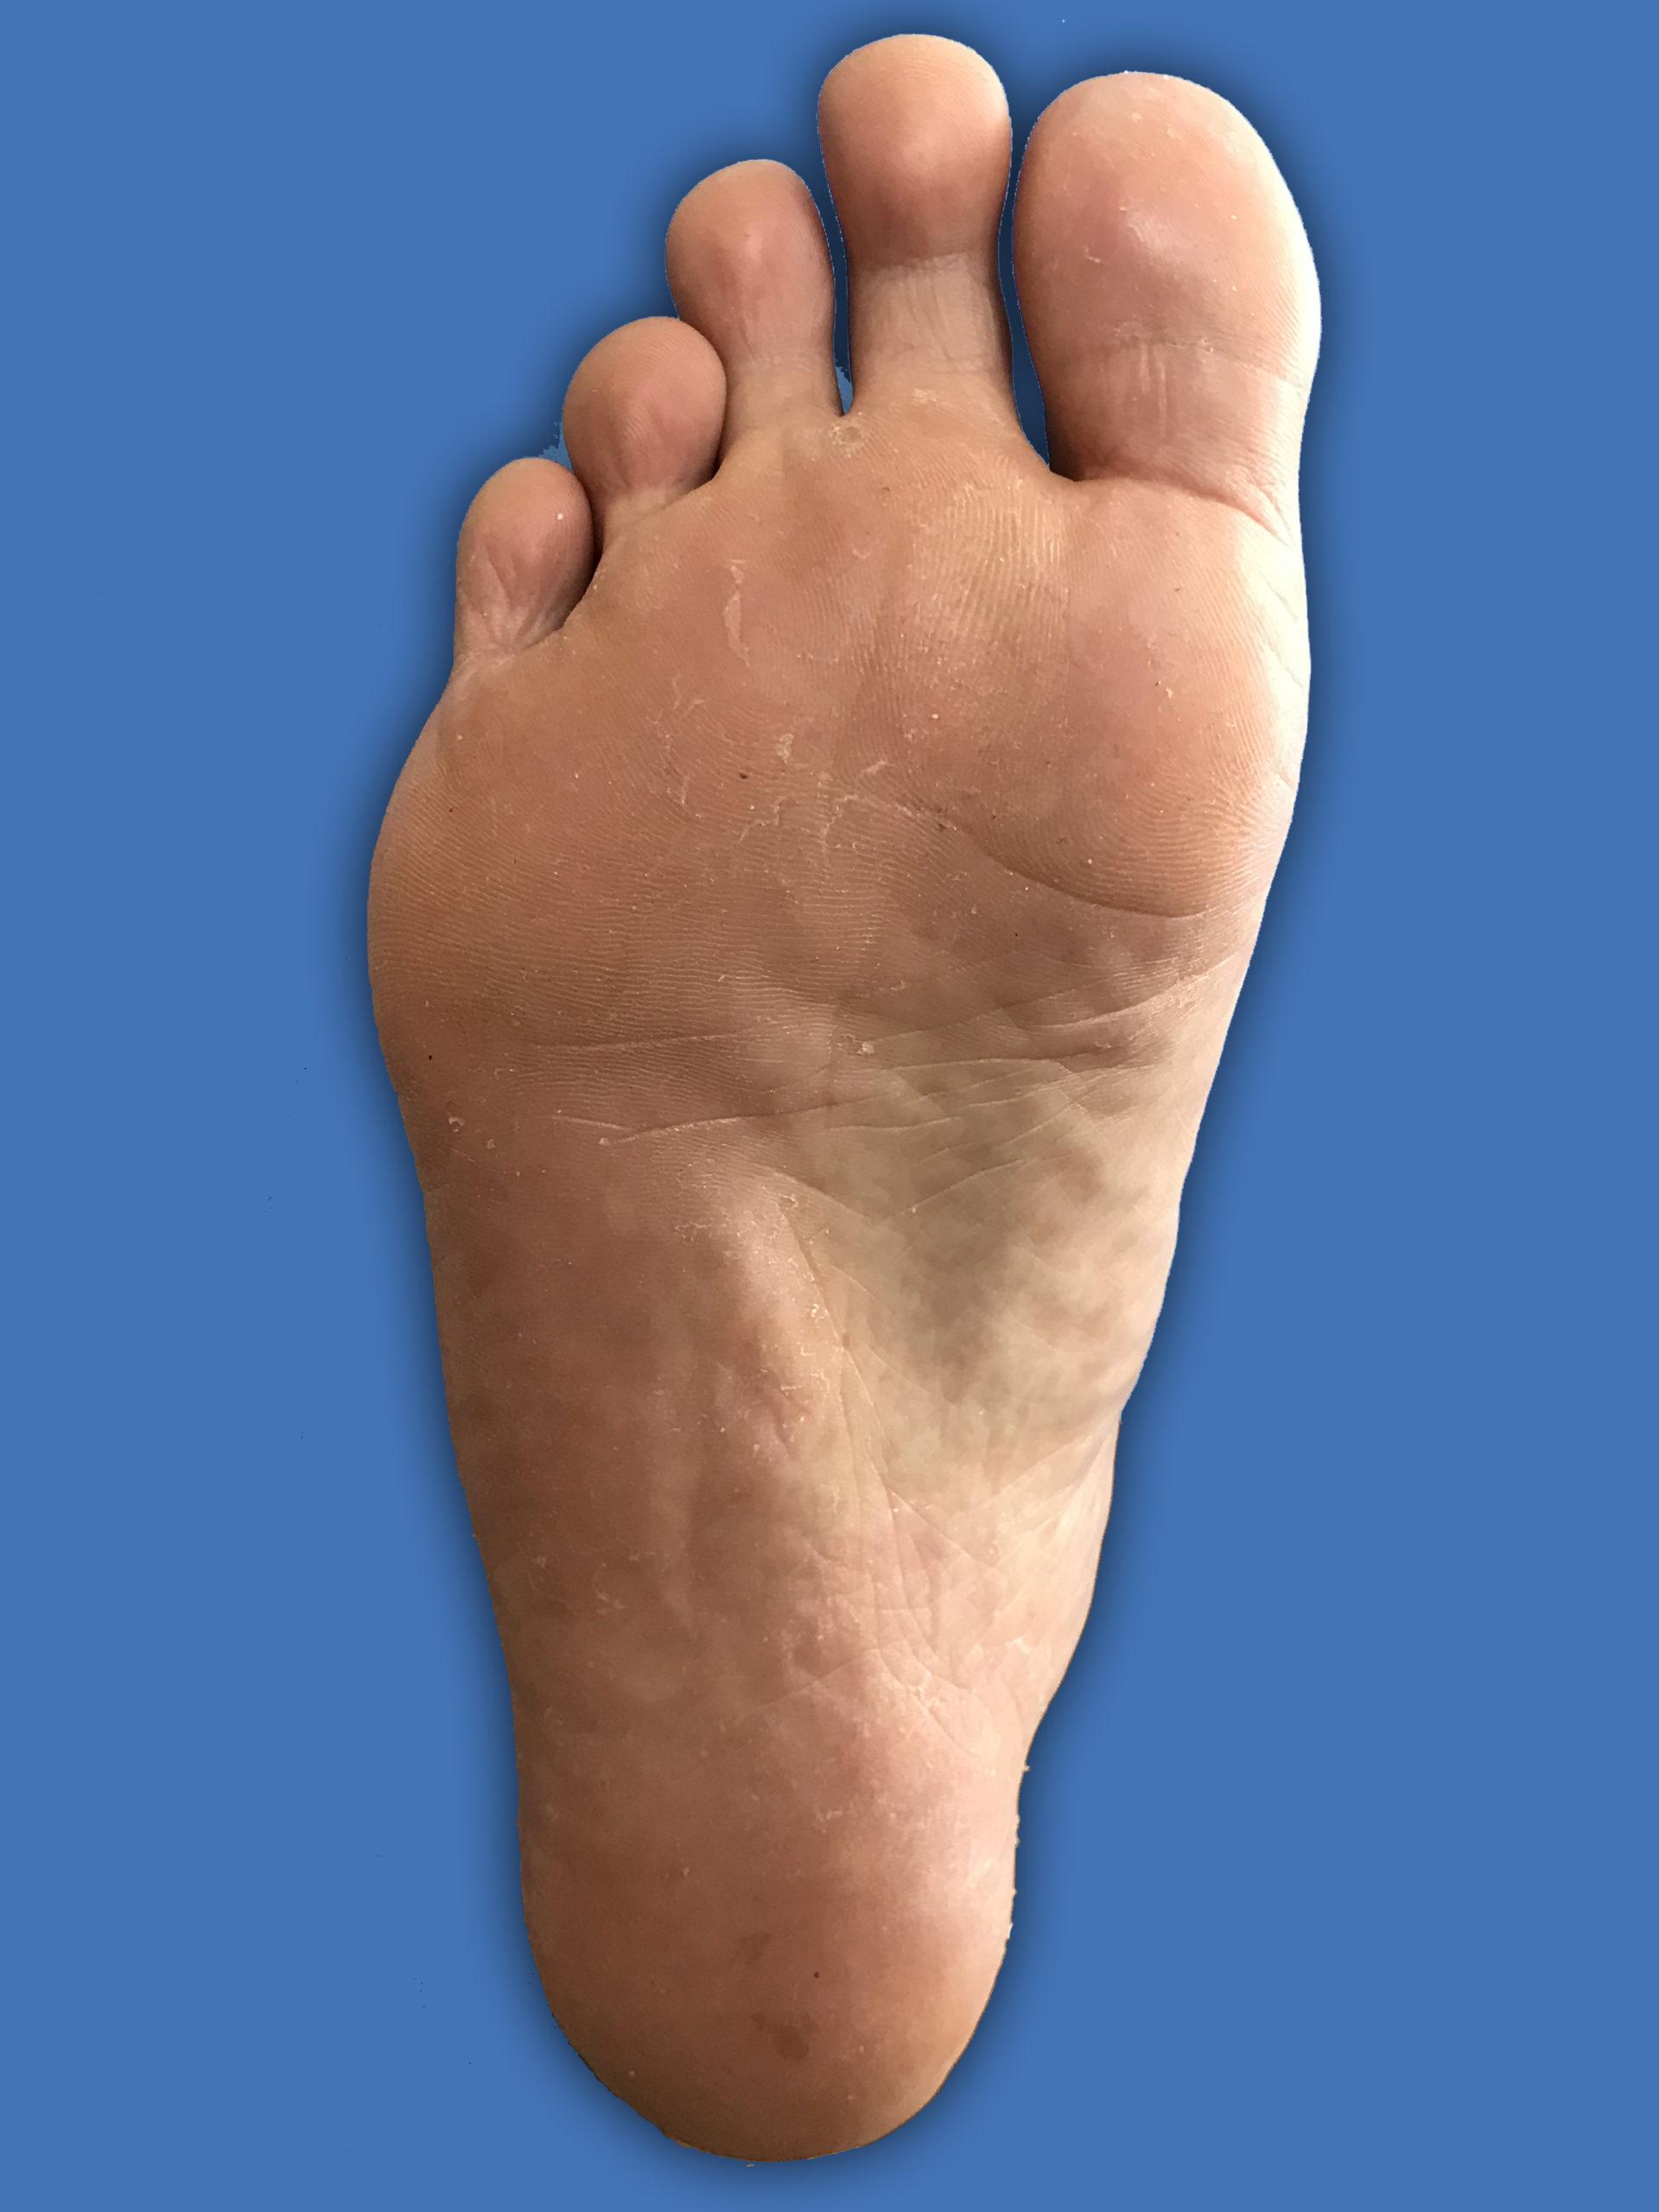 水虫治療1週目足の上画像